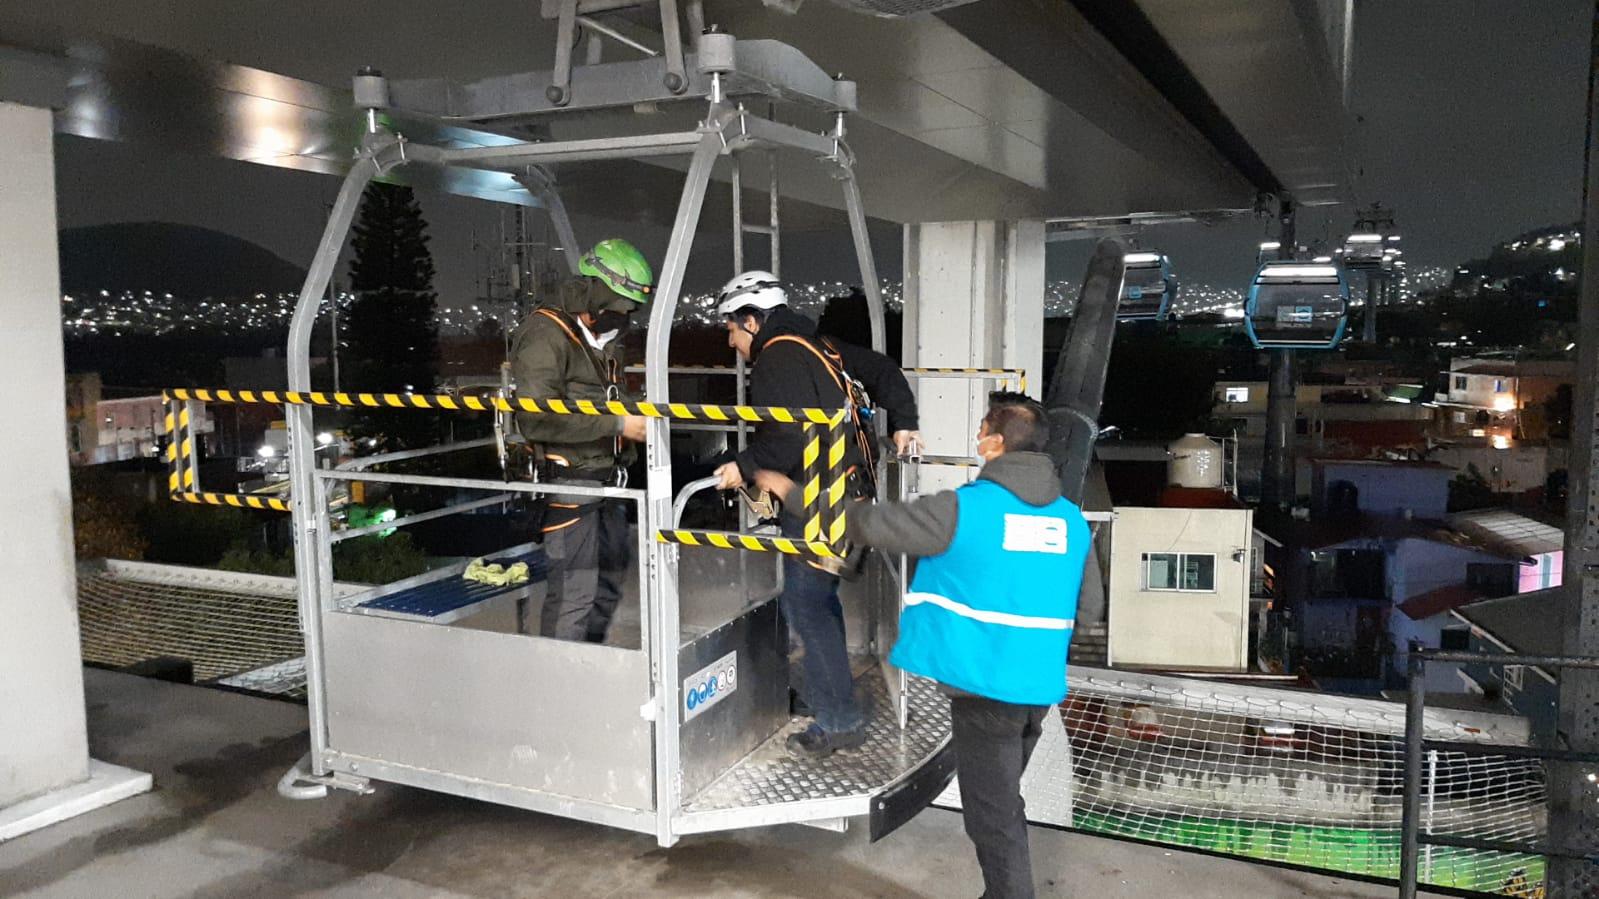 Cablebús, sin daños en sus 2 líneas tras el sismo; CFE restablece luz a 98%